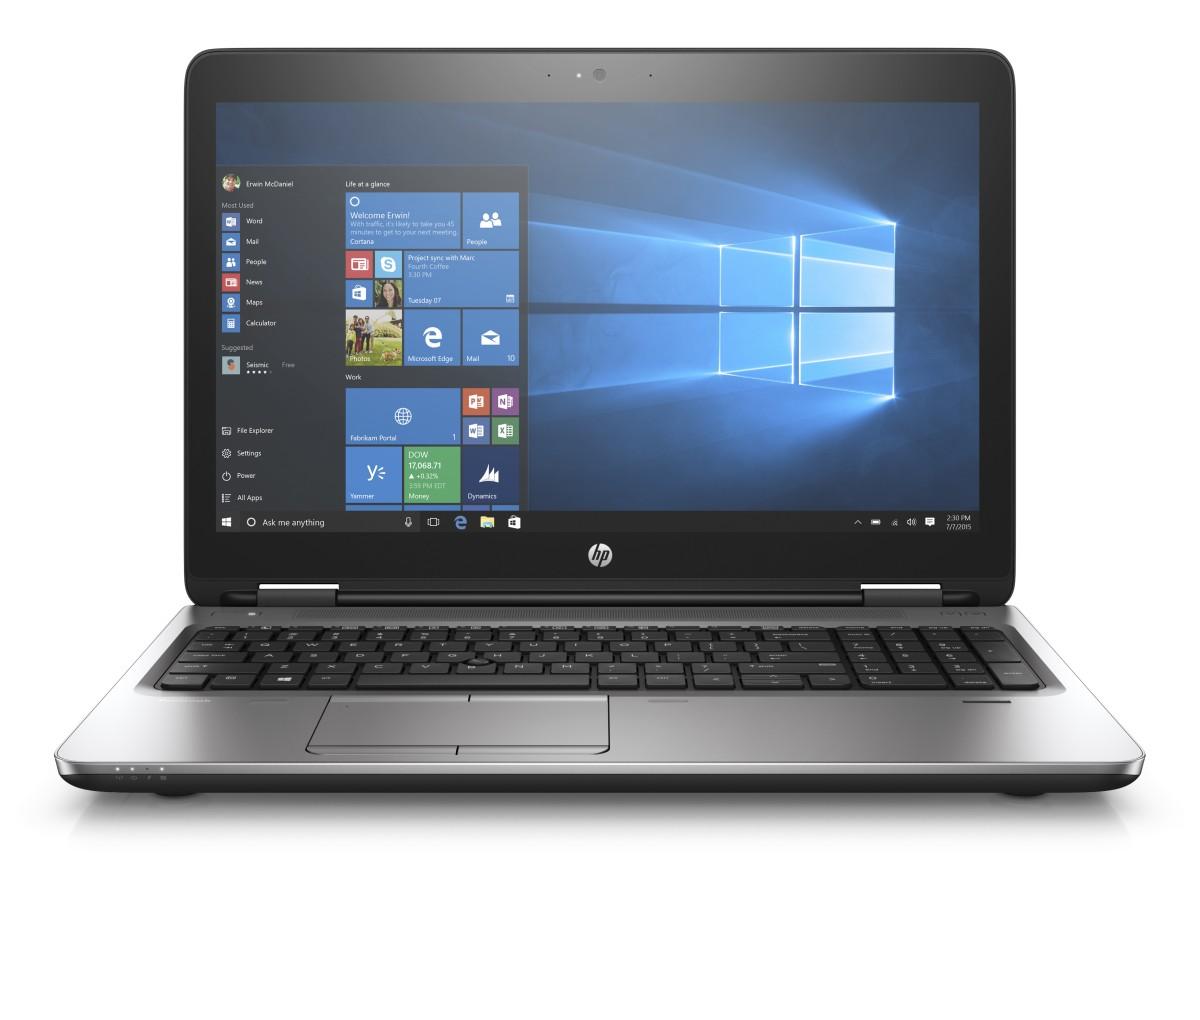 HP ProBook 650 G3 i5-7200U / 8GB / 256GB SSD TurboG2 / 15,6'' FHD / backlit keyb / Win 10 Pro